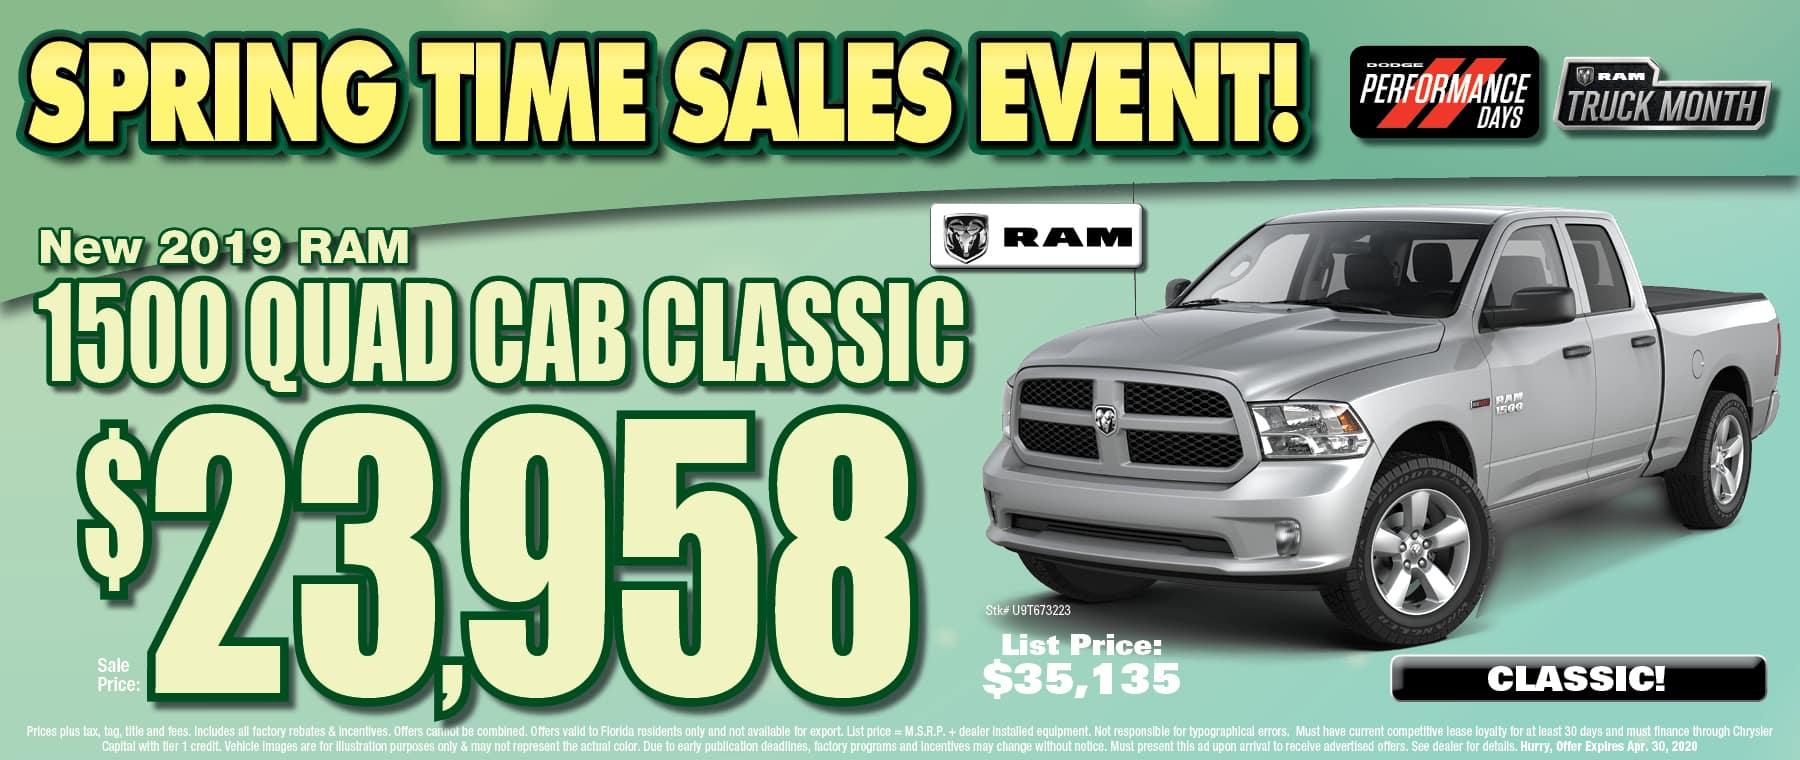 New Ram Quad Cab Classic!